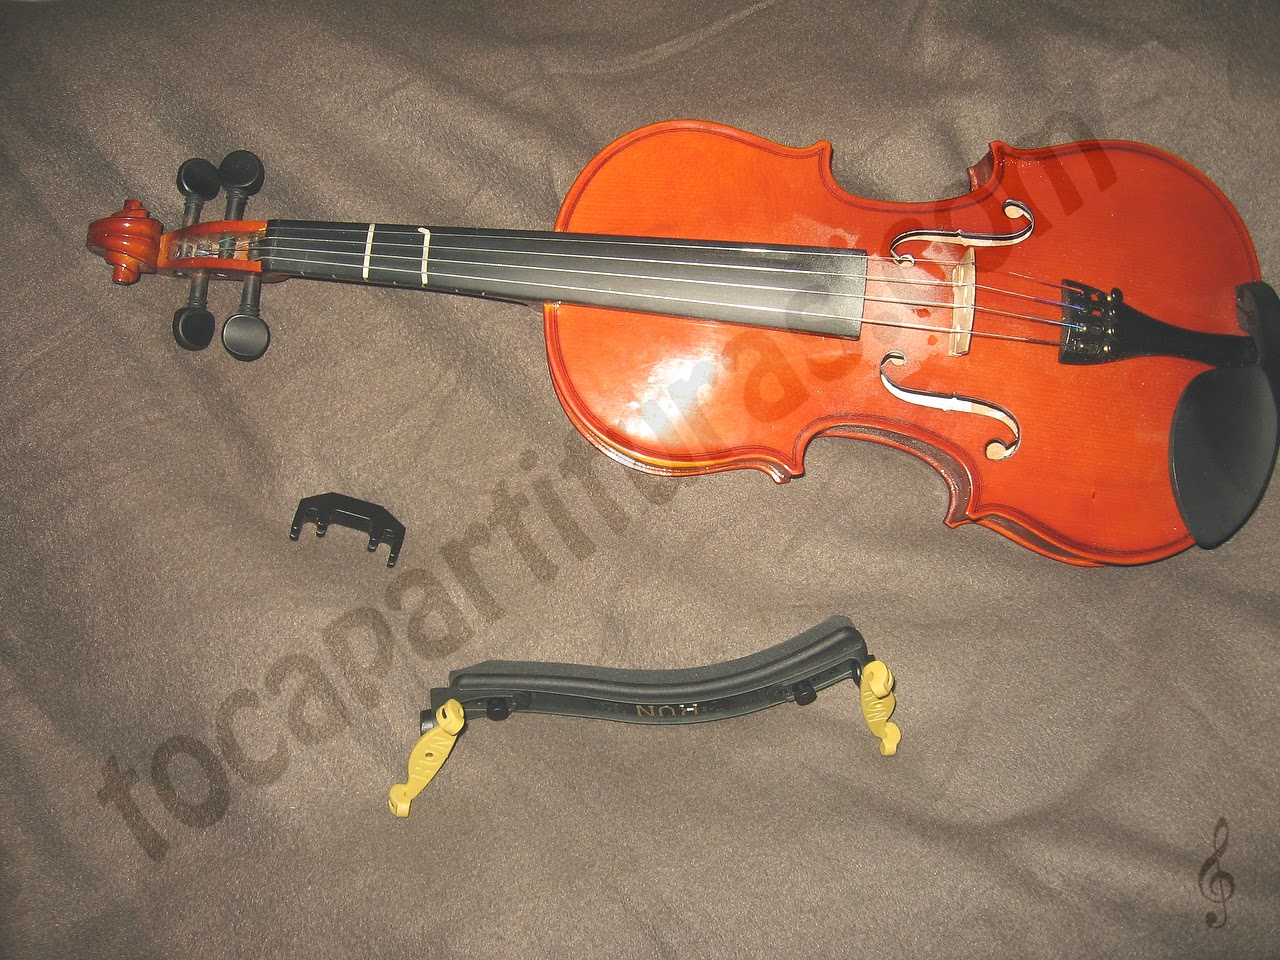 Arreglar el clavijero de un violín de forma casera o marcar los trastes en un violín de forma manual, al estilo de guitarra